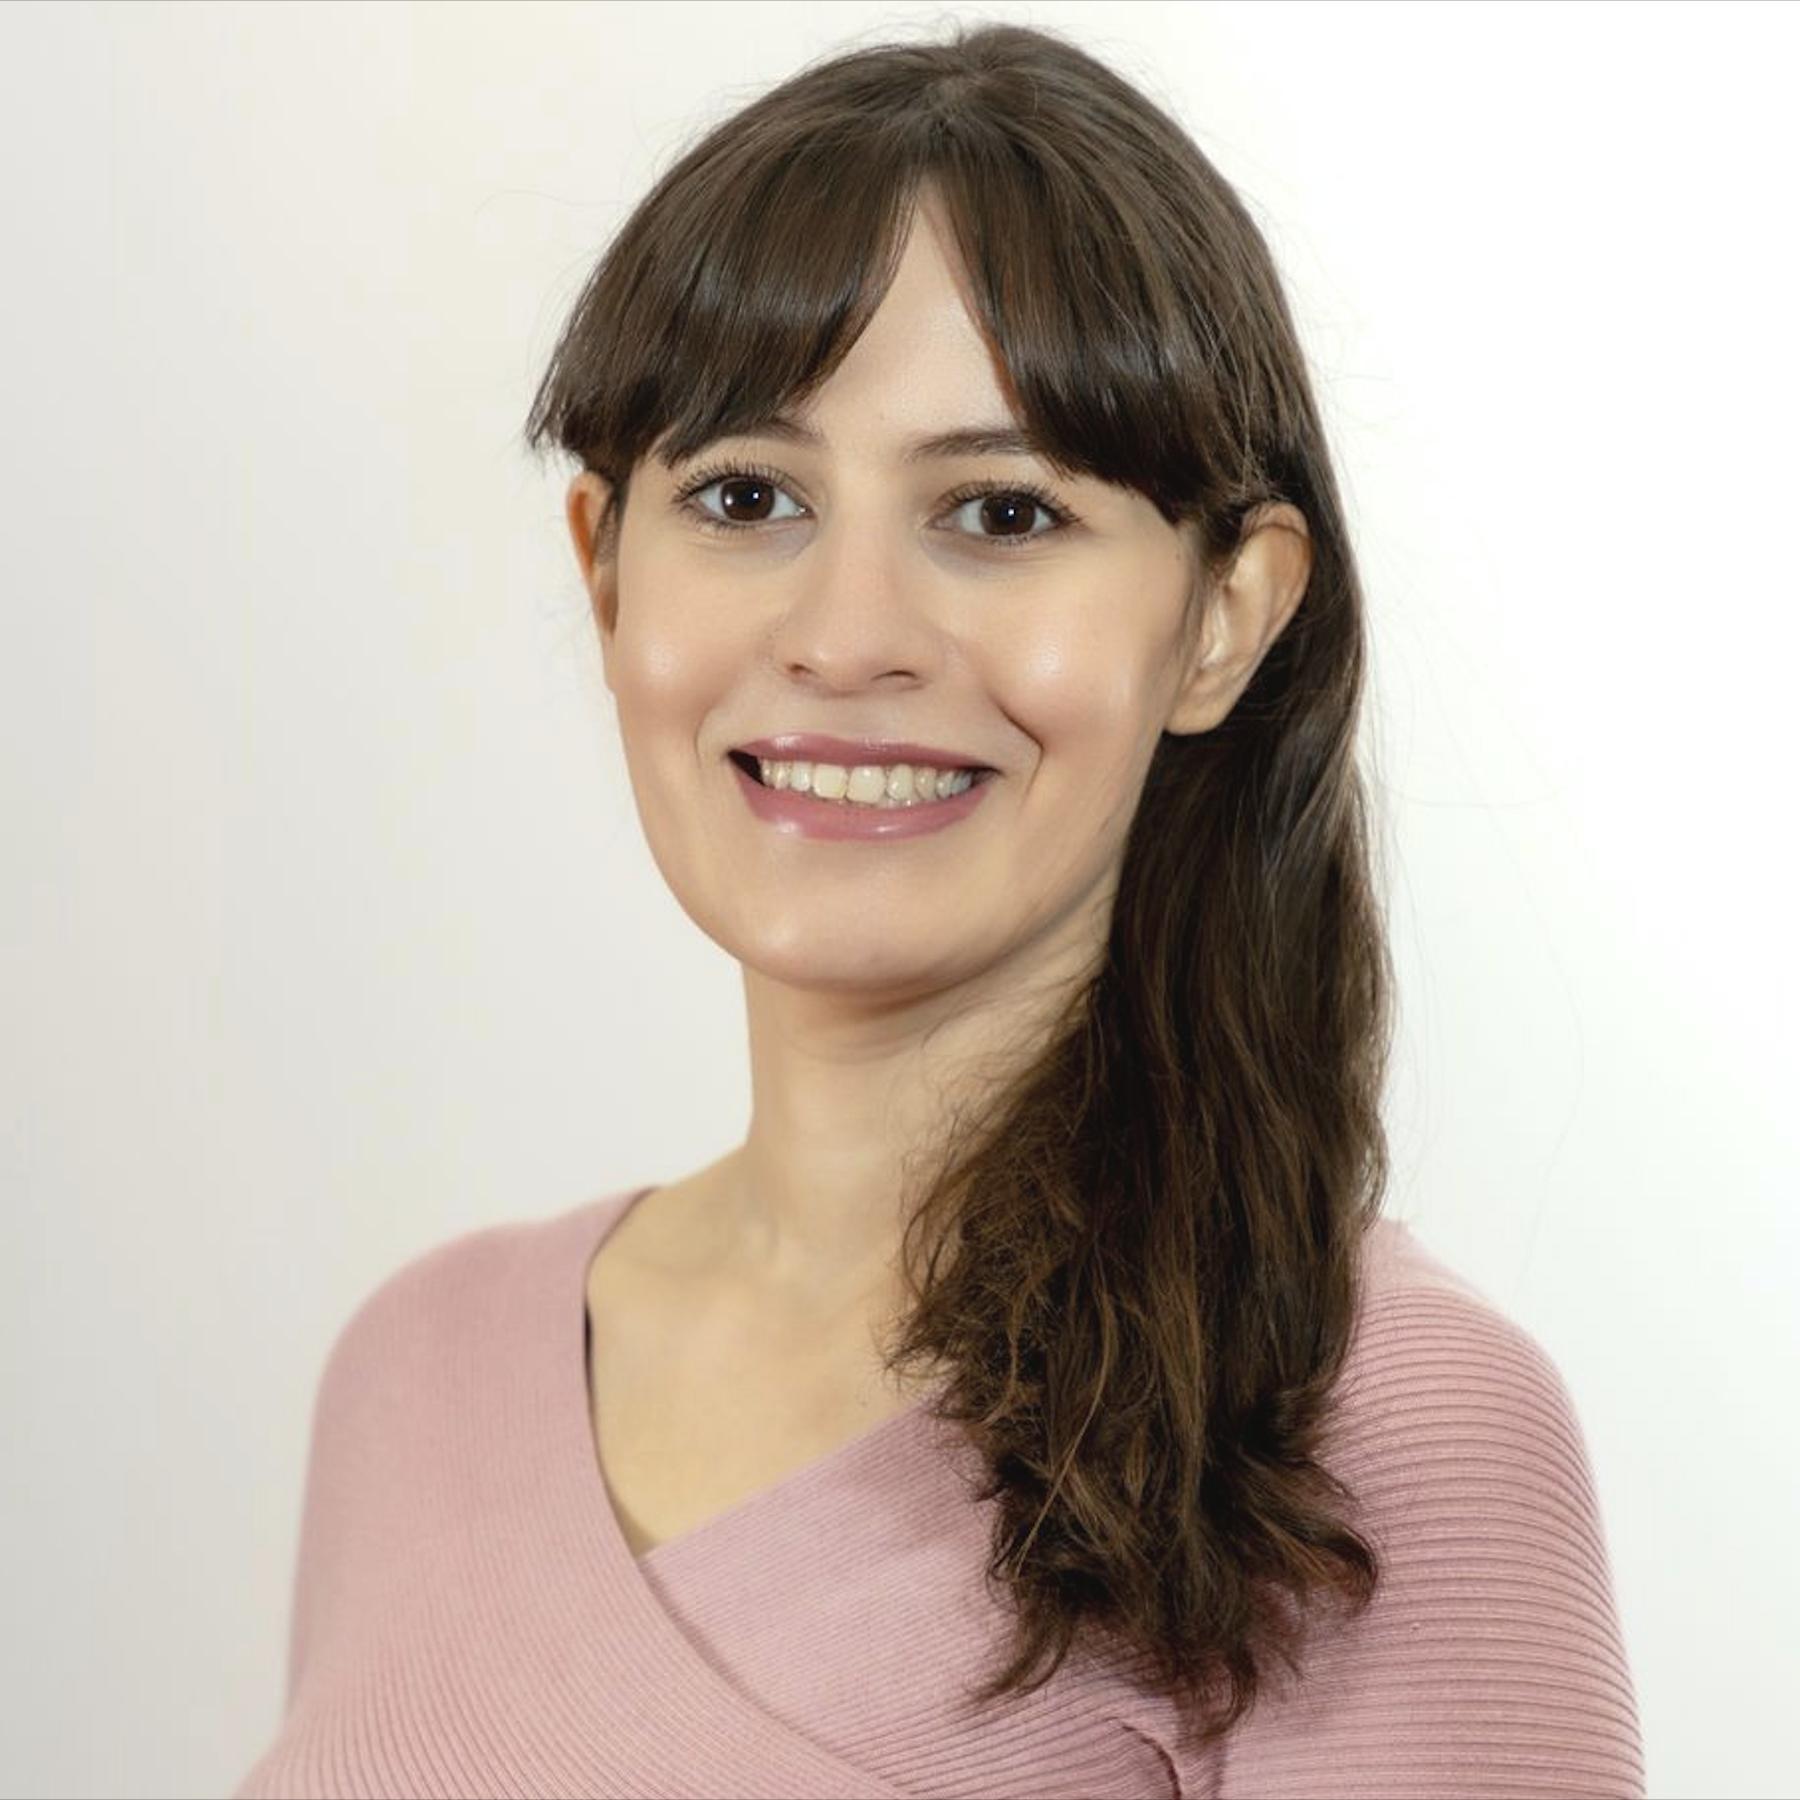 Sarra Habchi